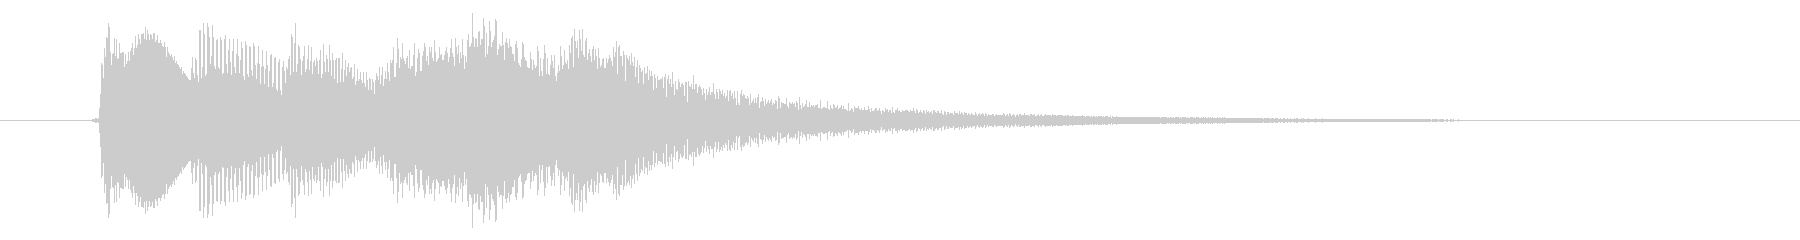 緊急アラート01-3(遠い)の未再生の波形